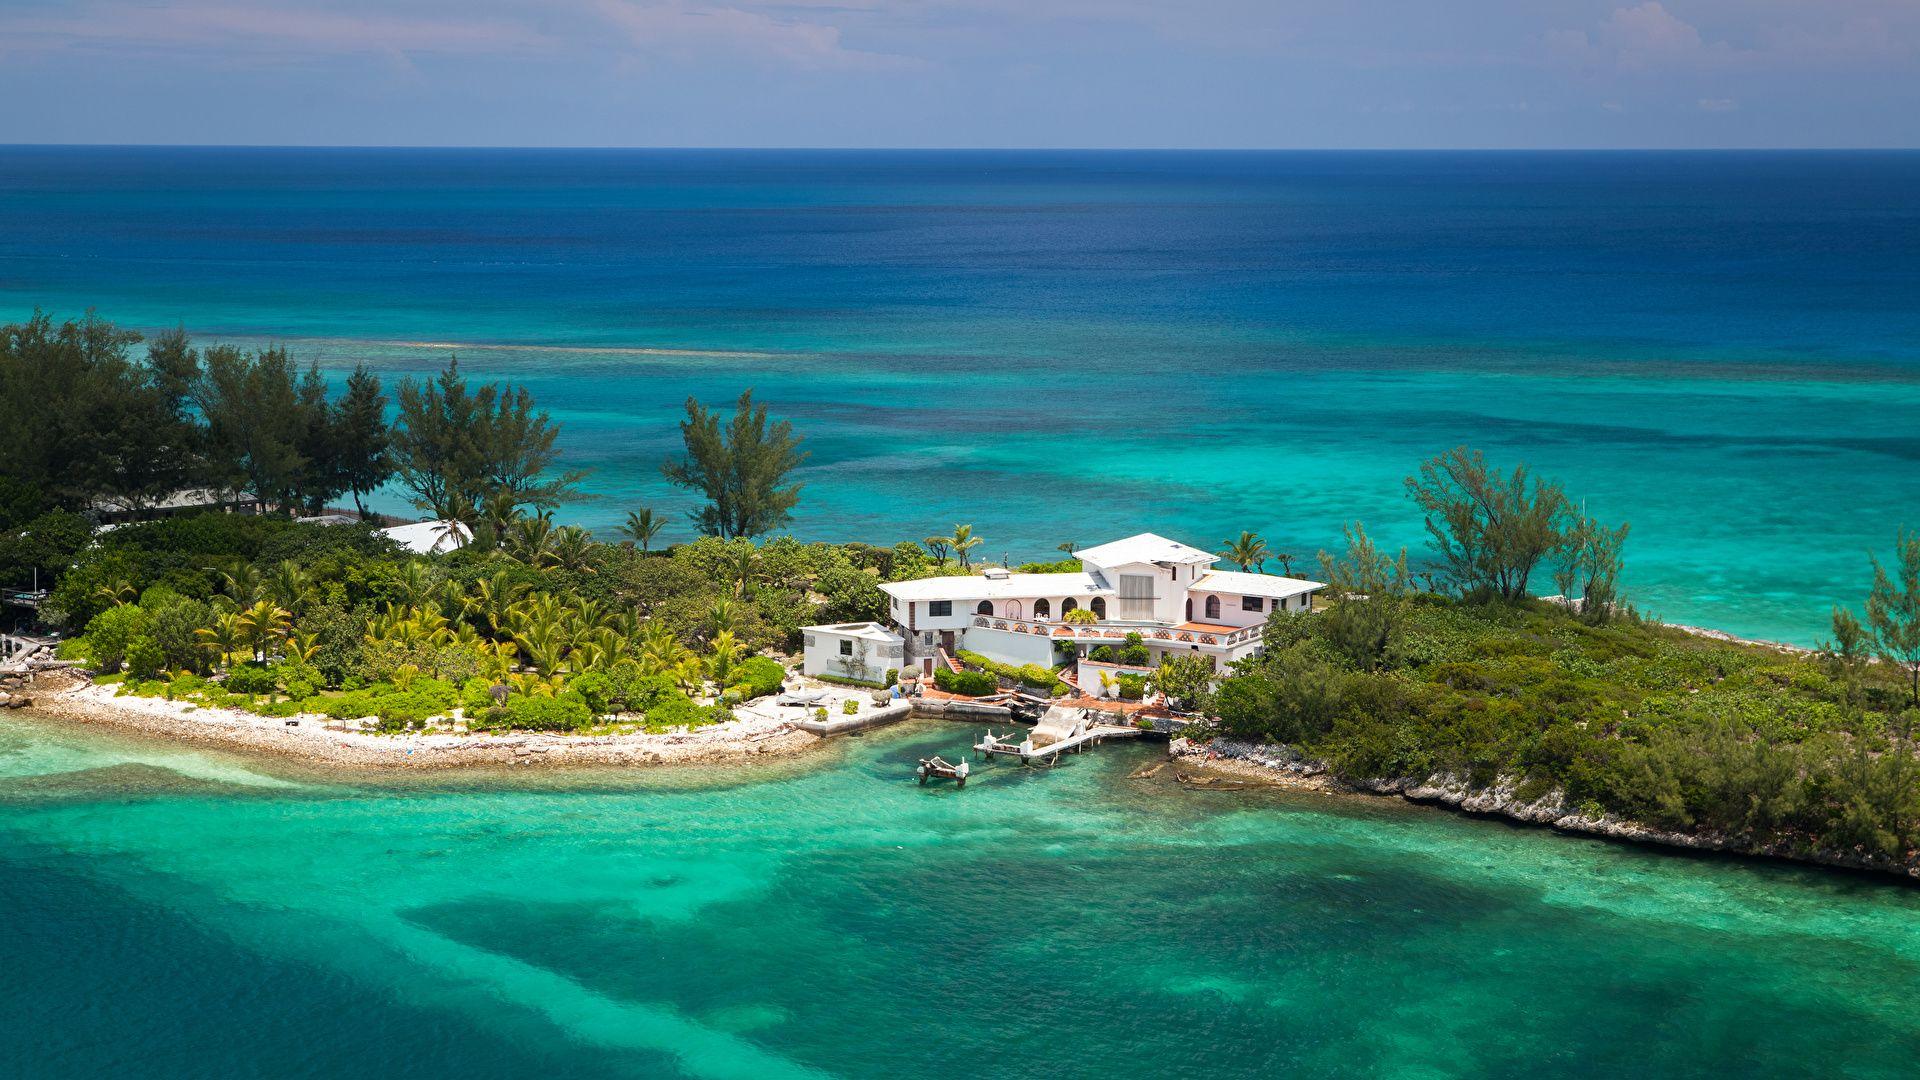 Bahamas good background